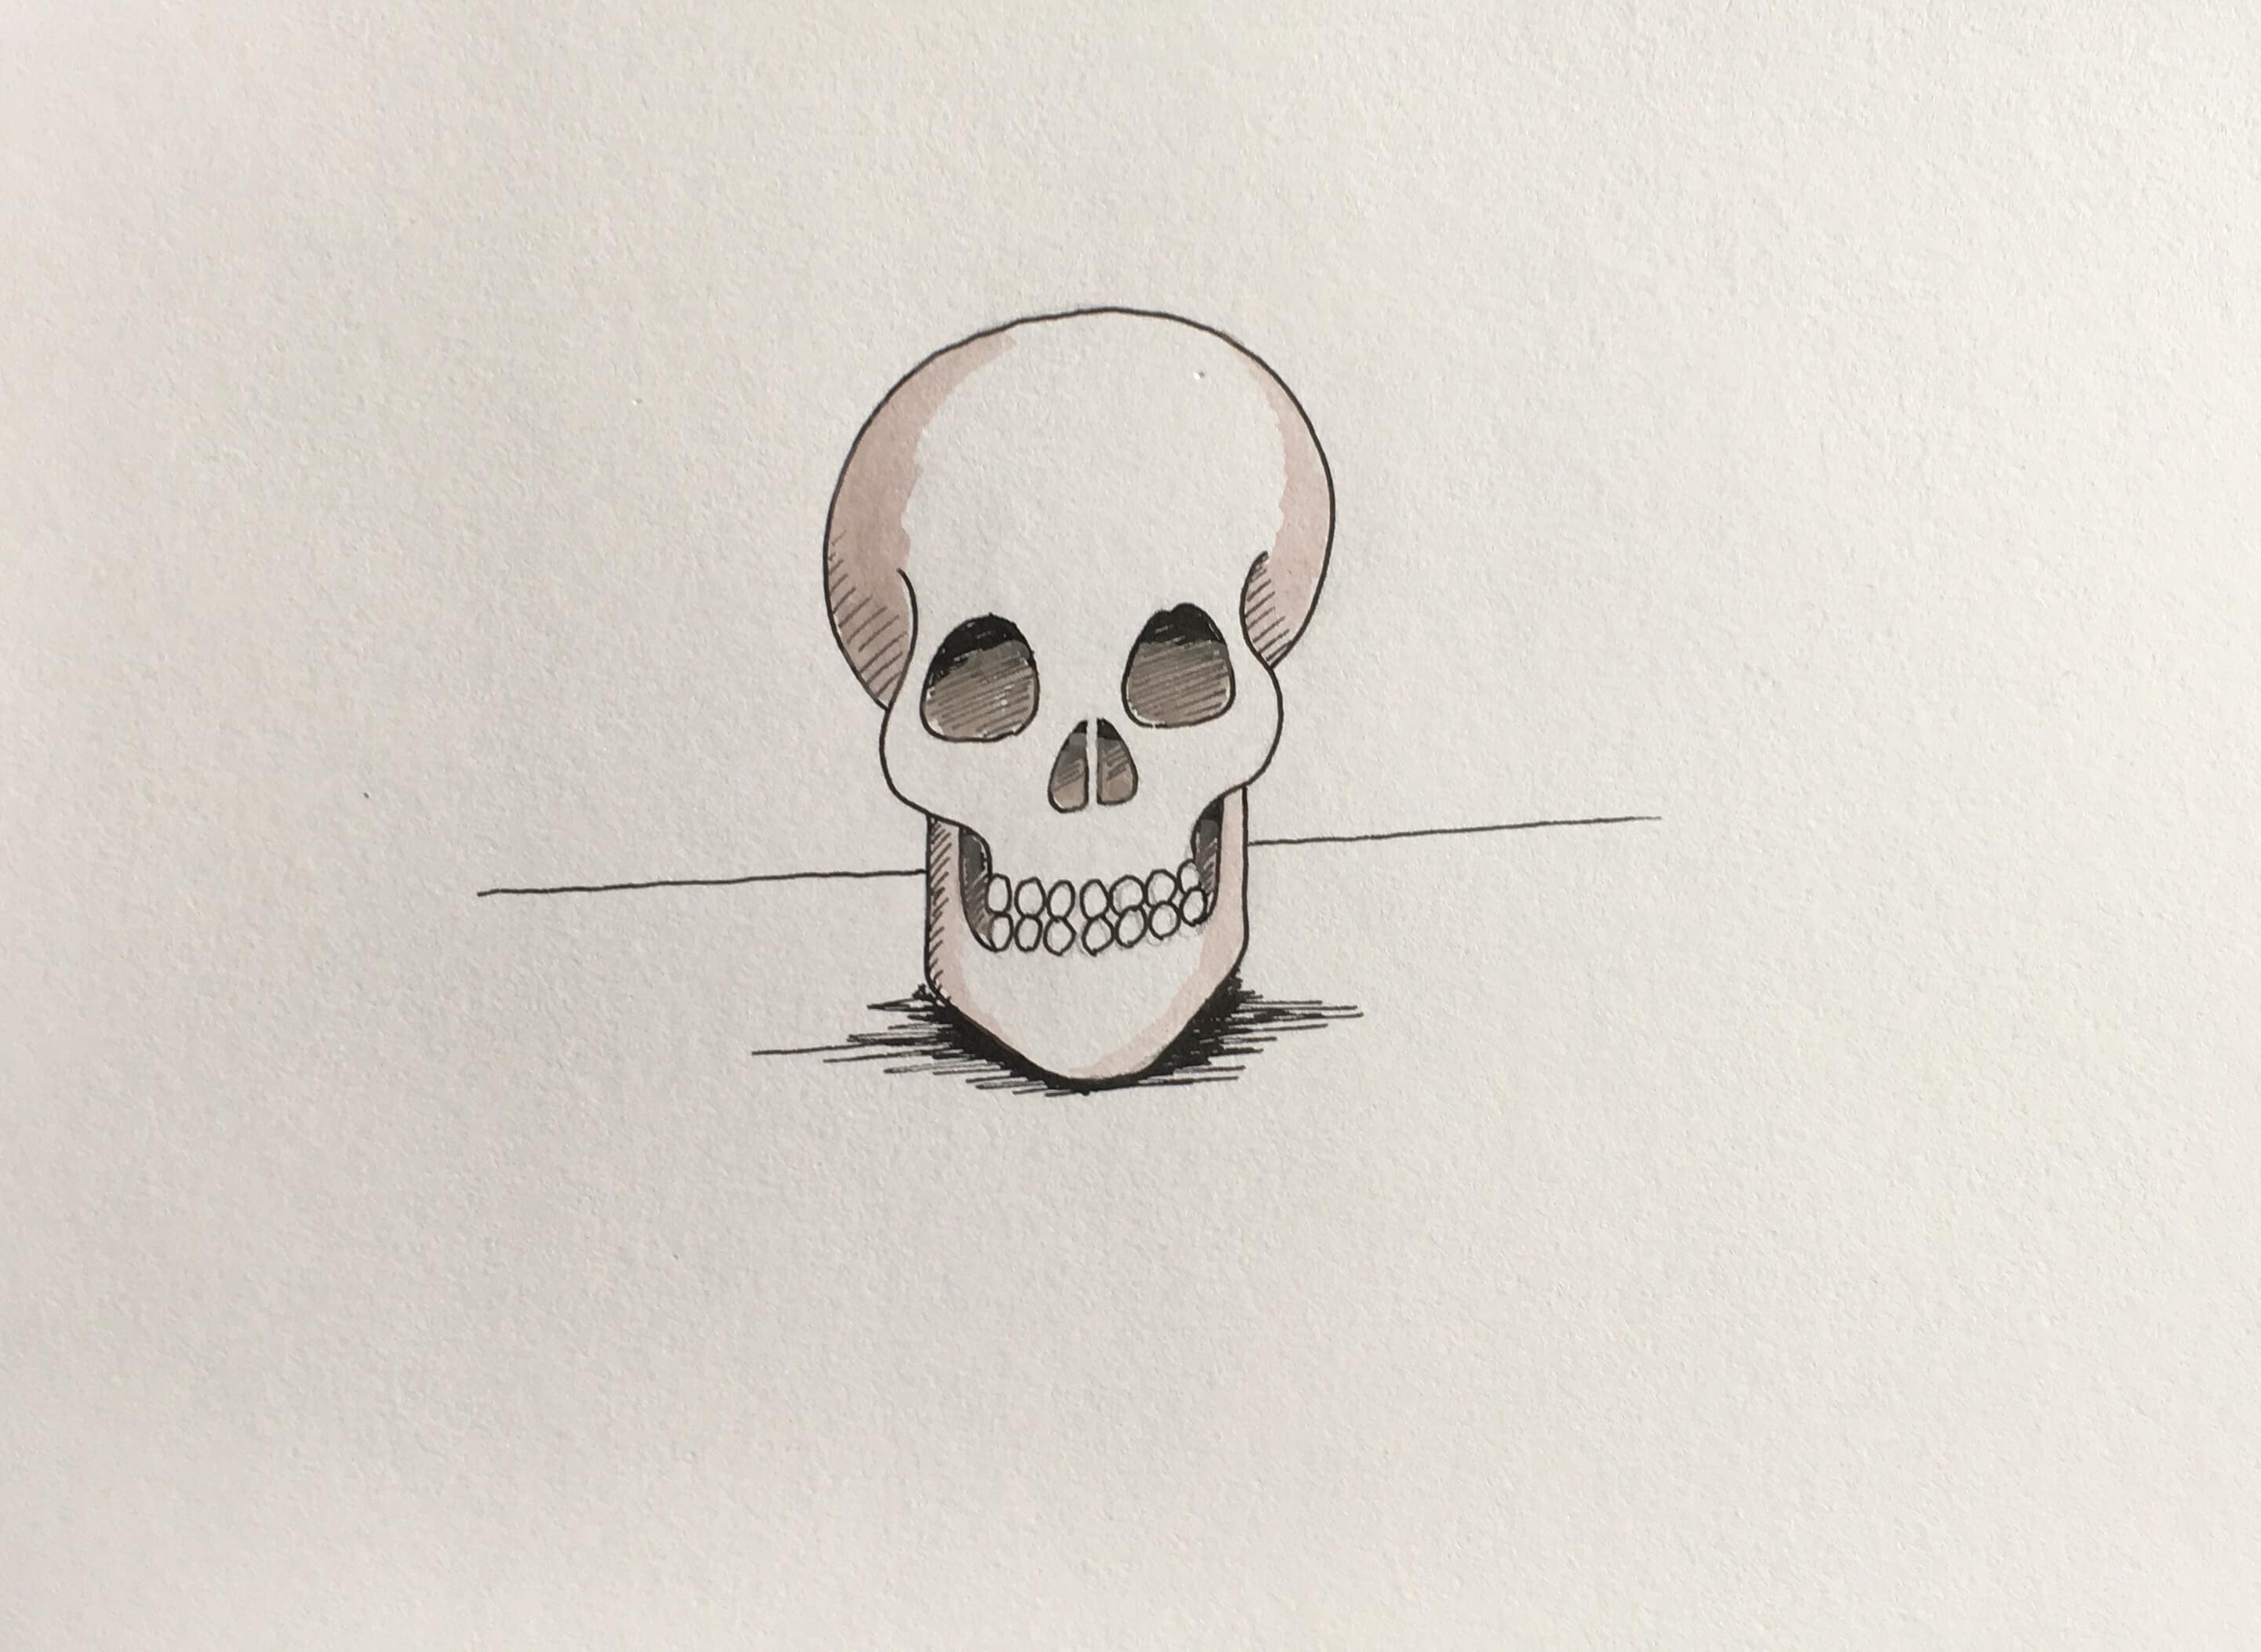 Lær at tegne et kranie / skelethoved